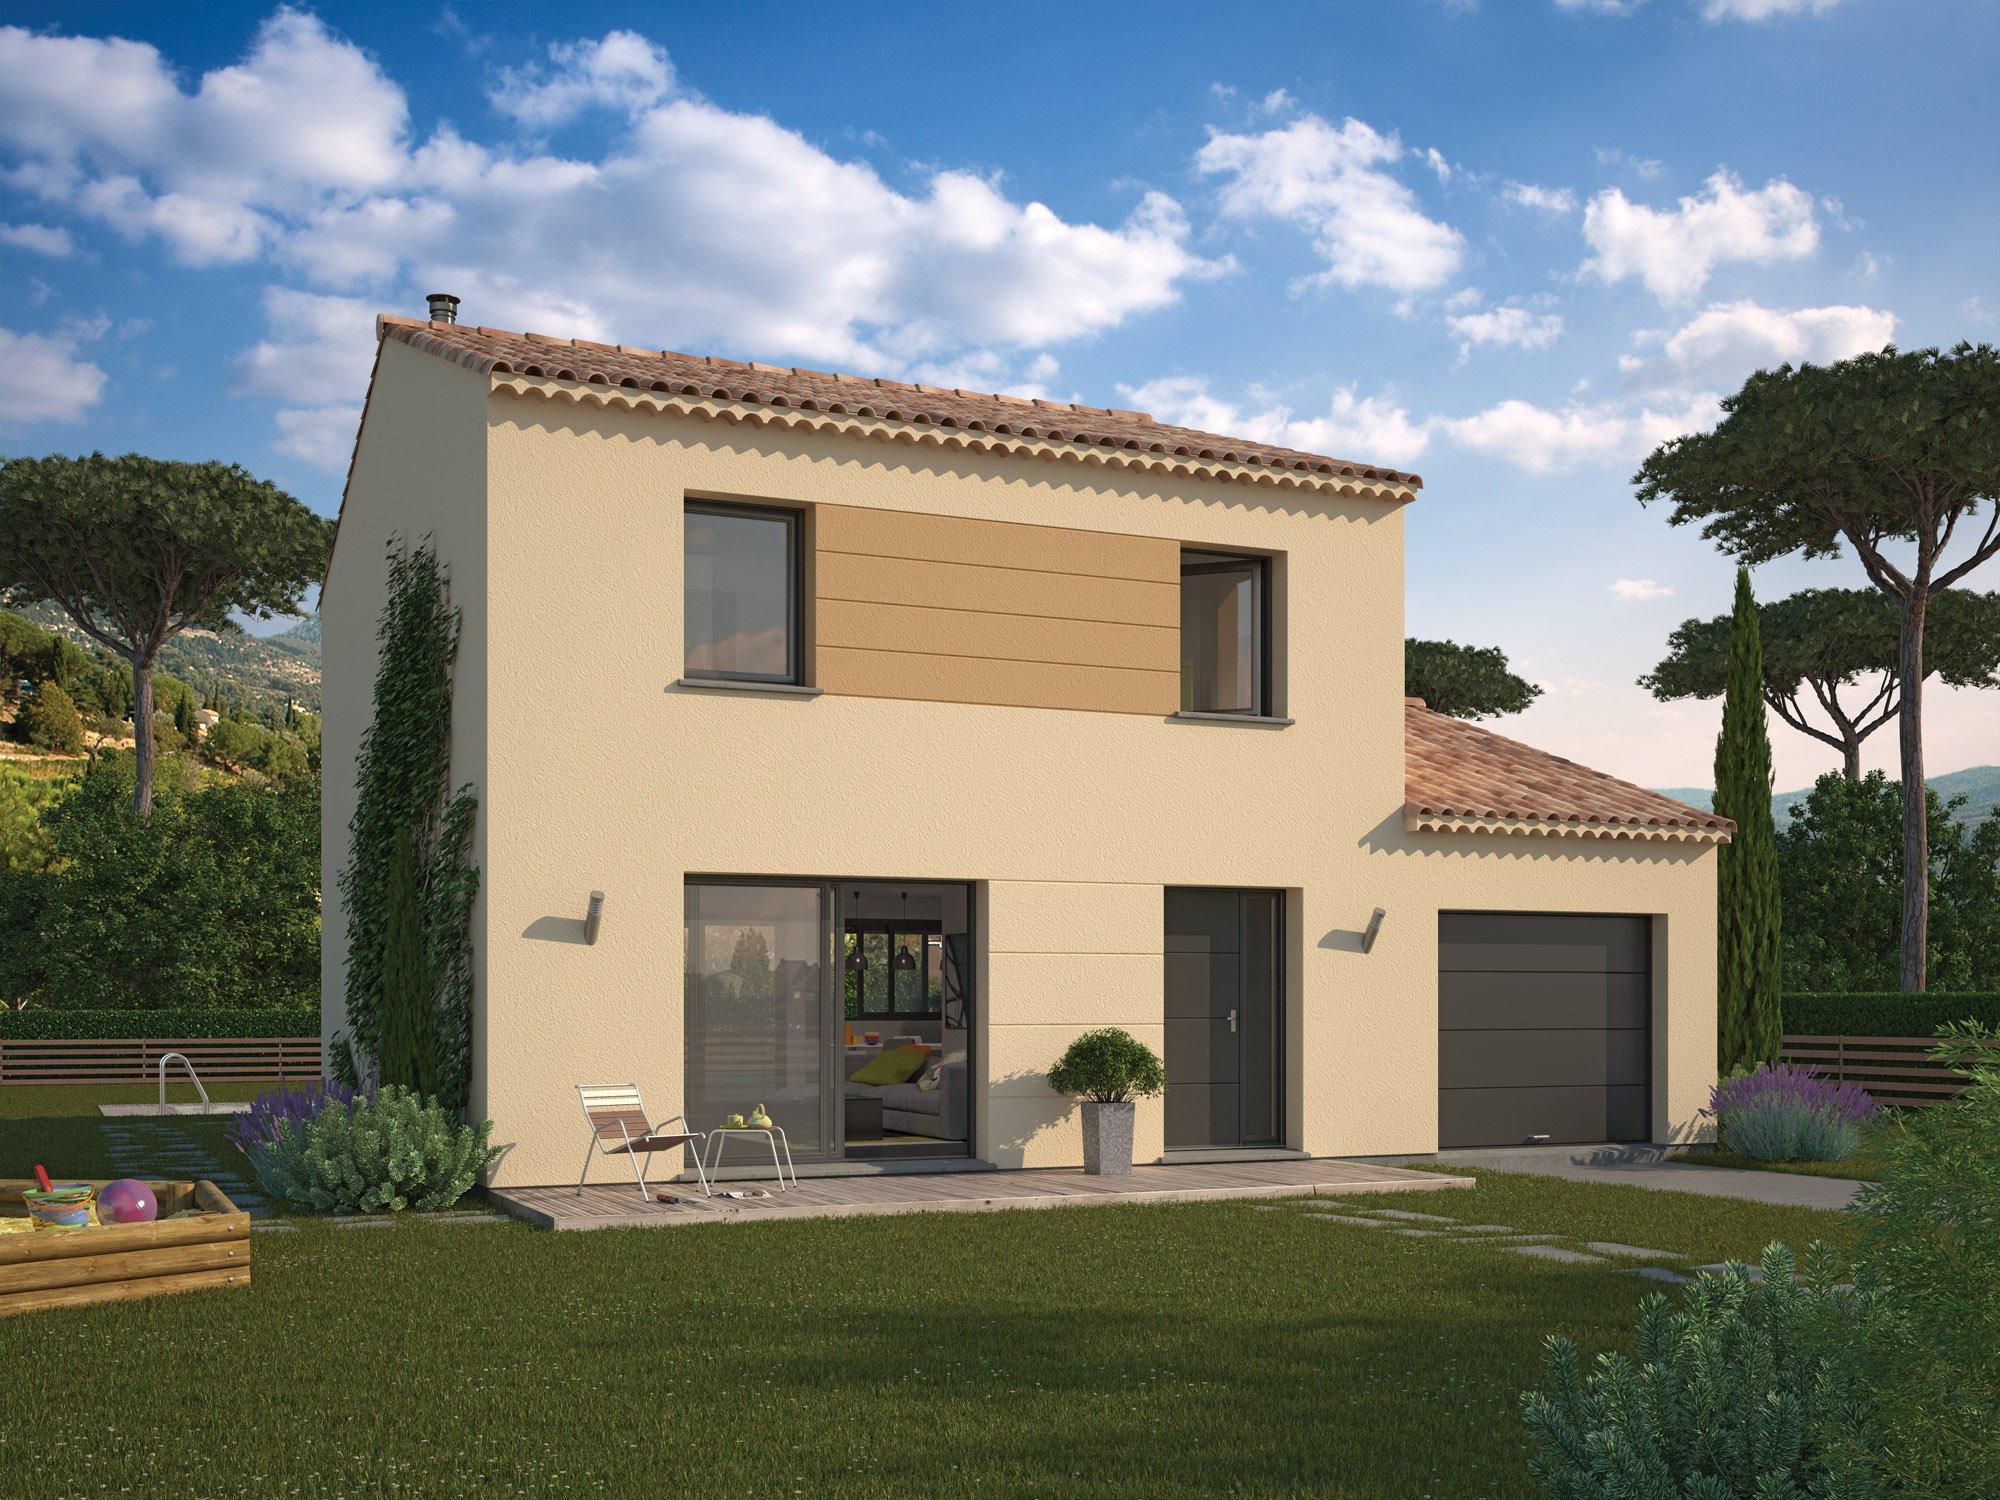 Maisons + Terrains du constructeur MAISON FAMILIALE • 98 m² • COMBAILLAUX